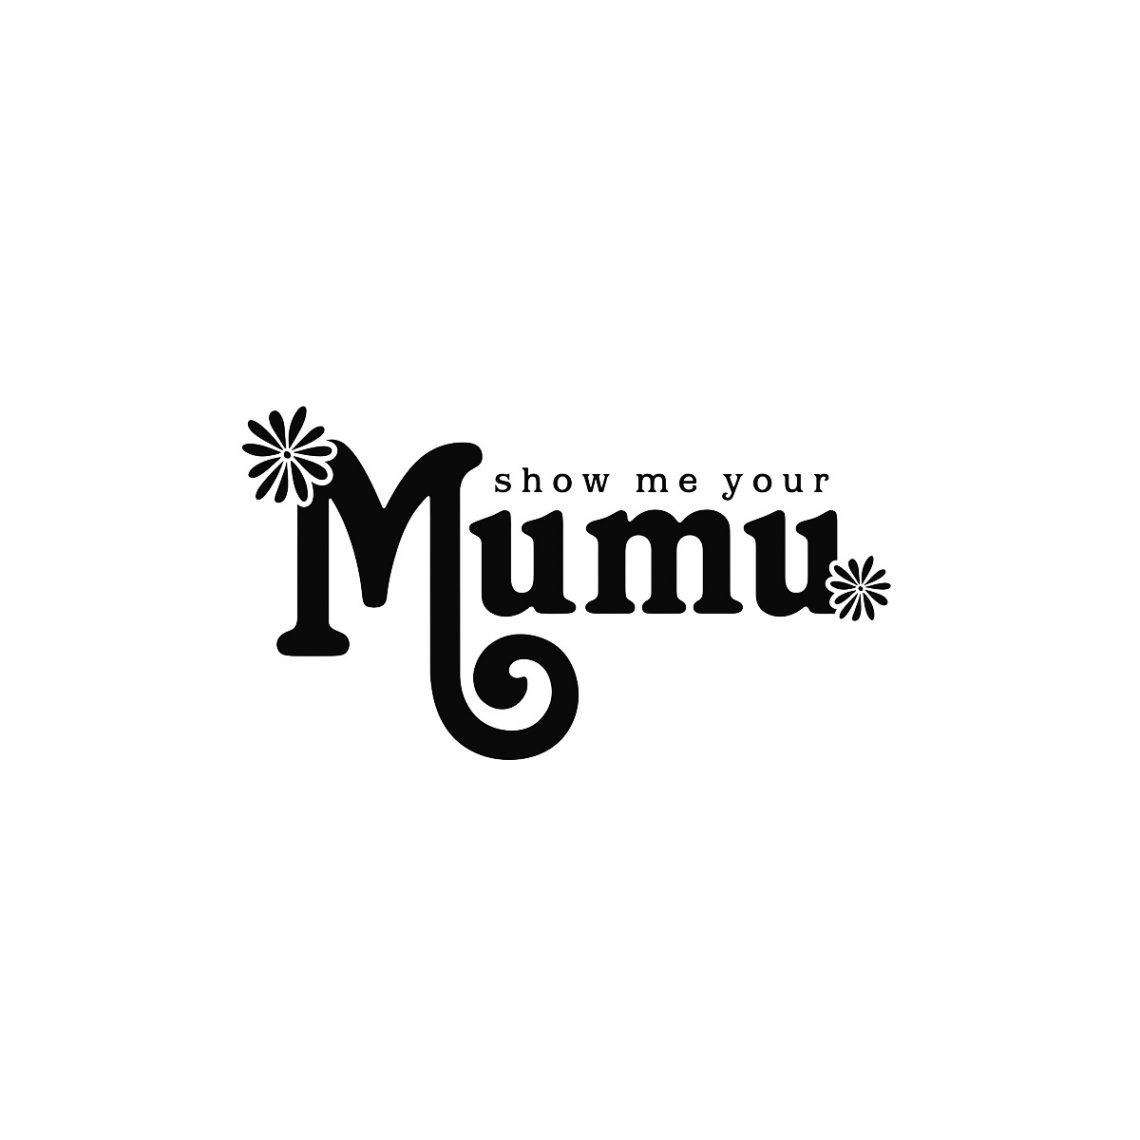 Show me your mumu coupon code